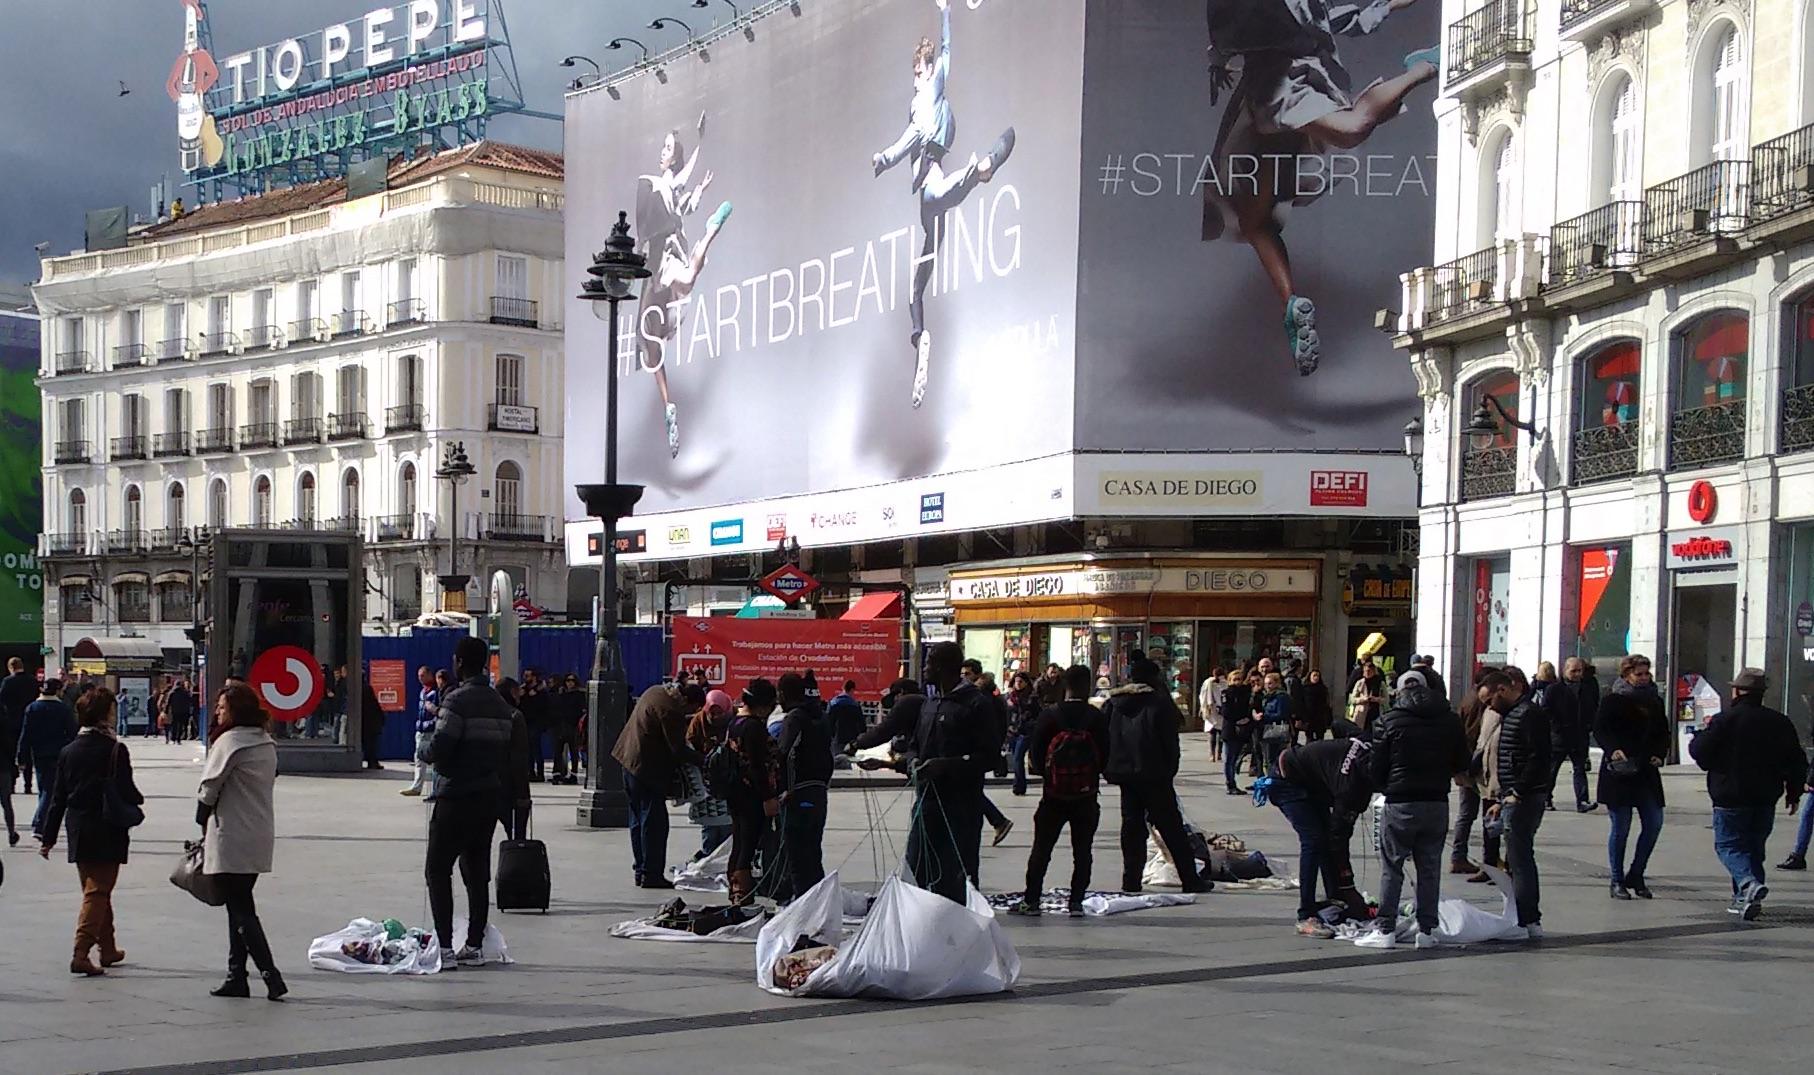 Vendedores ilegales en la Puerta del Sol. (Foto: OKDIARIO)